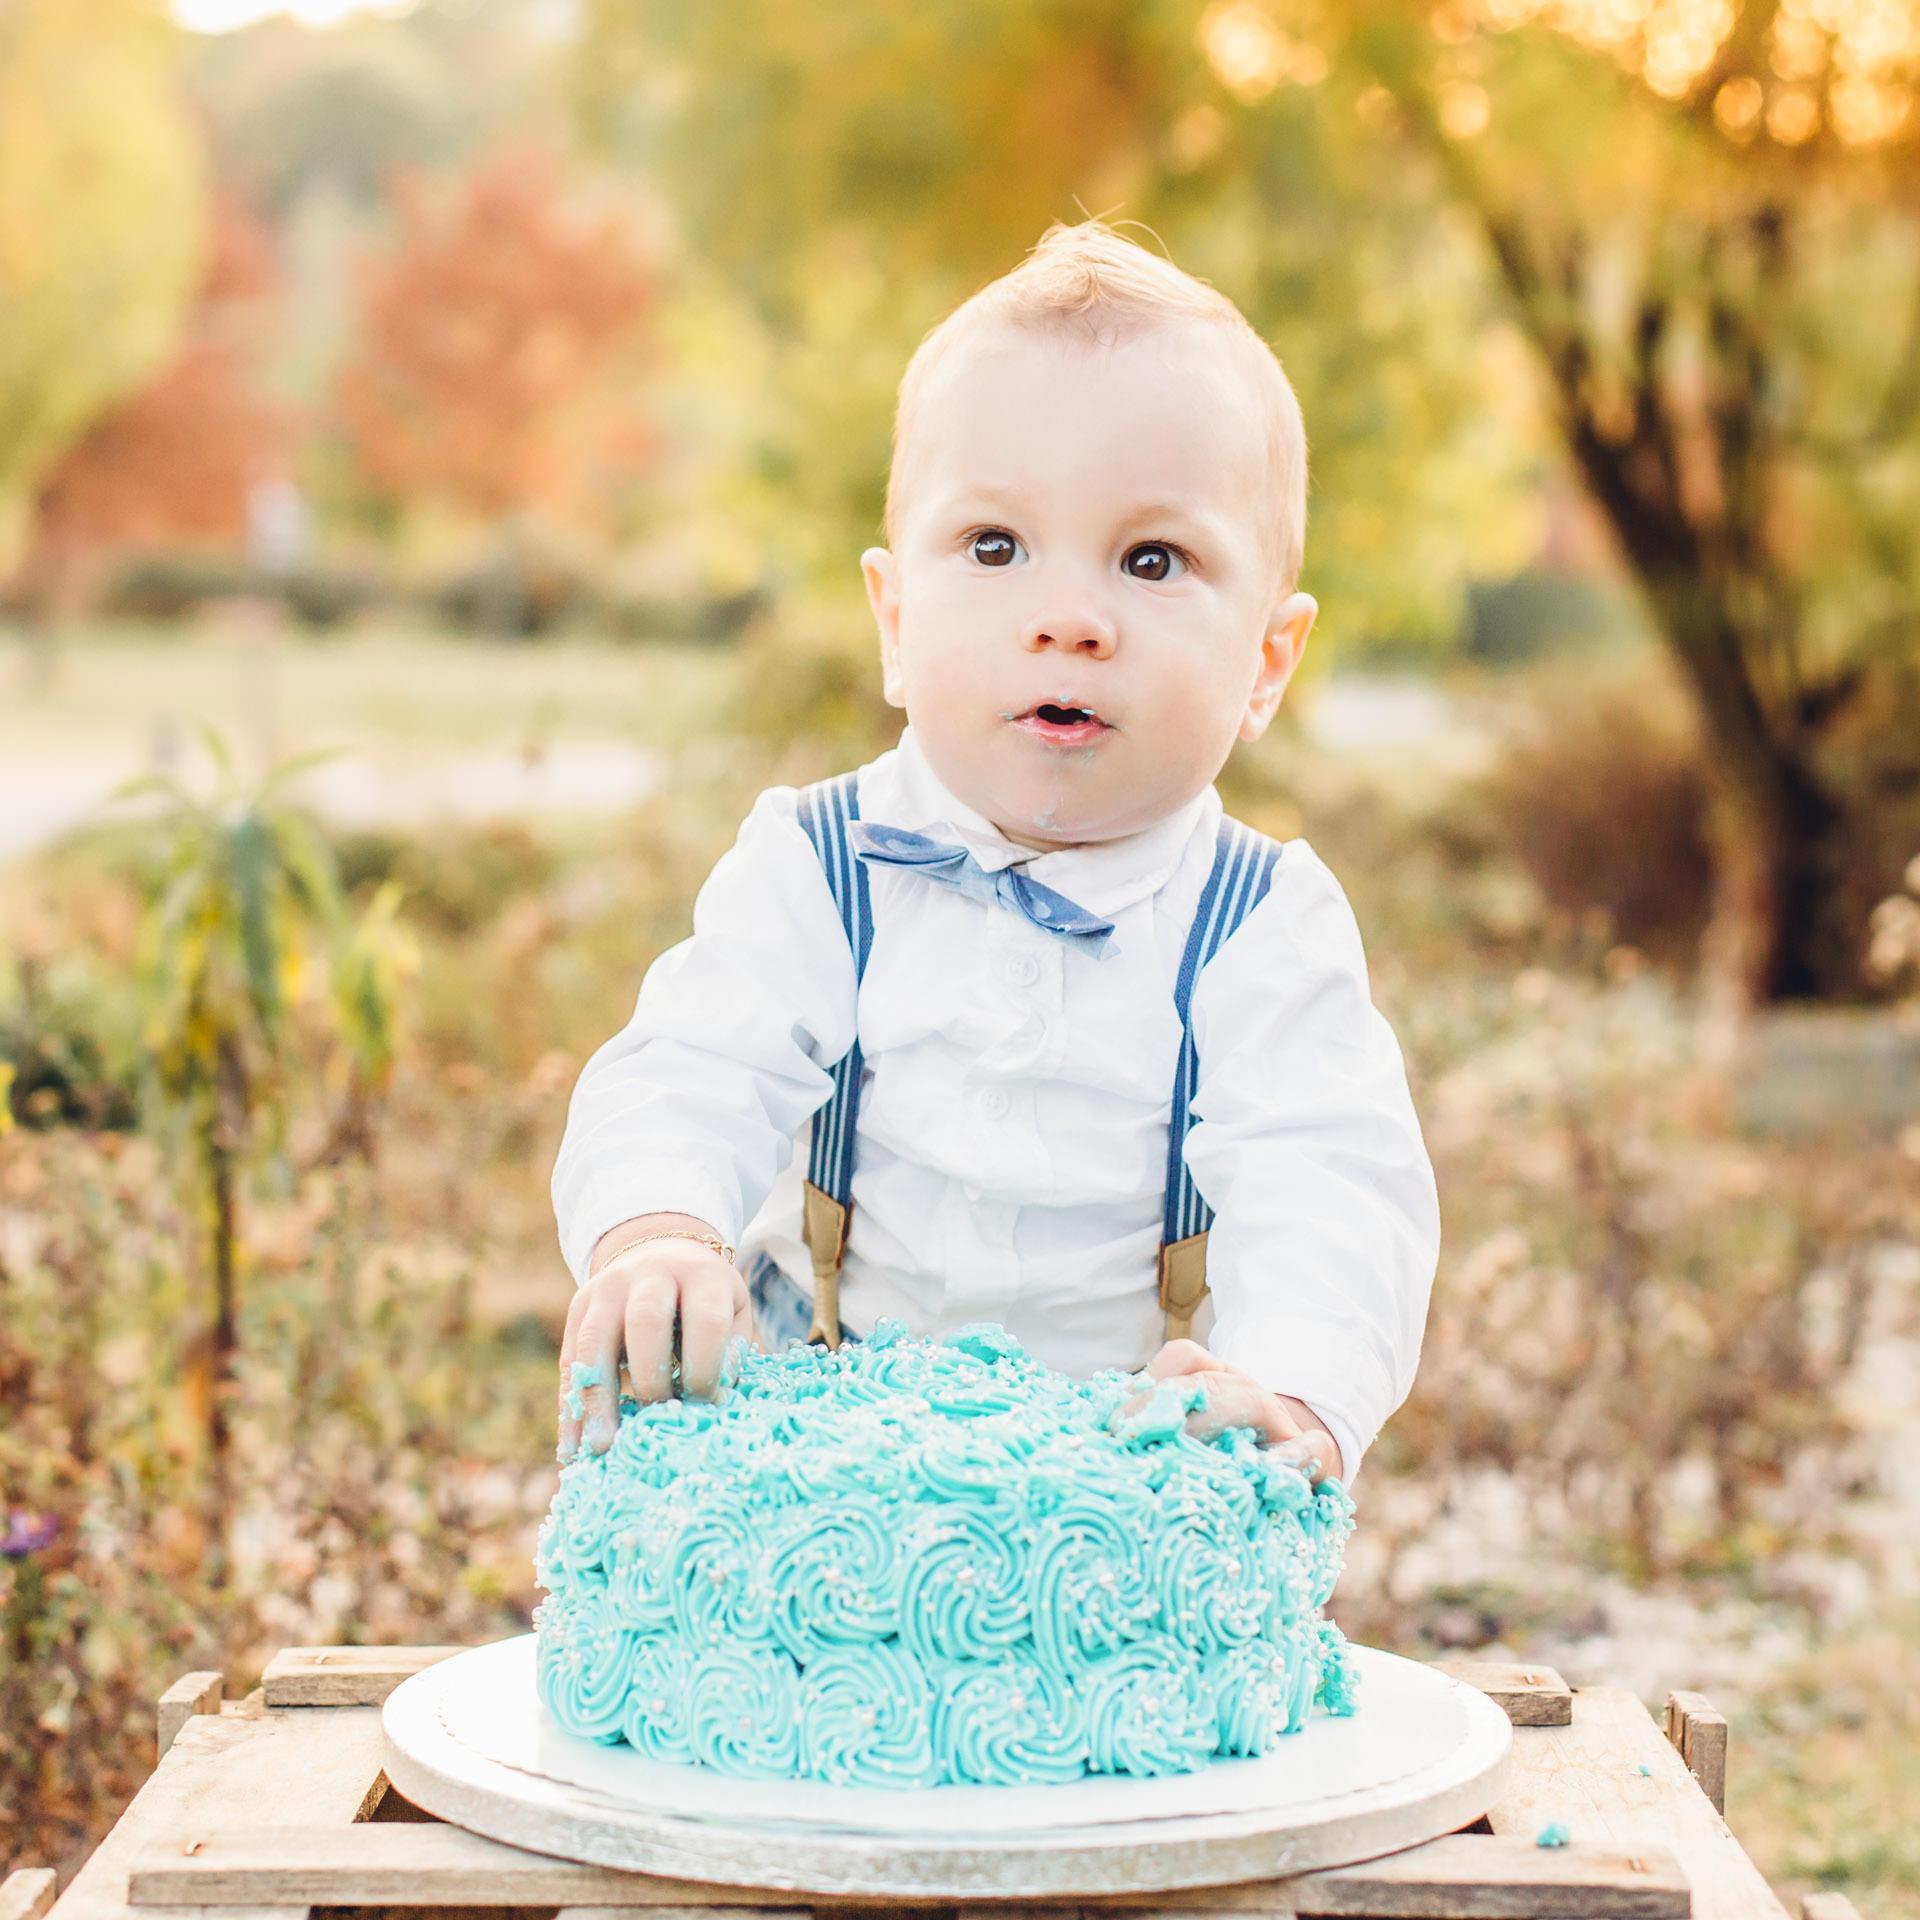 Cake Smash Fotoshooting Fotograf Mainz